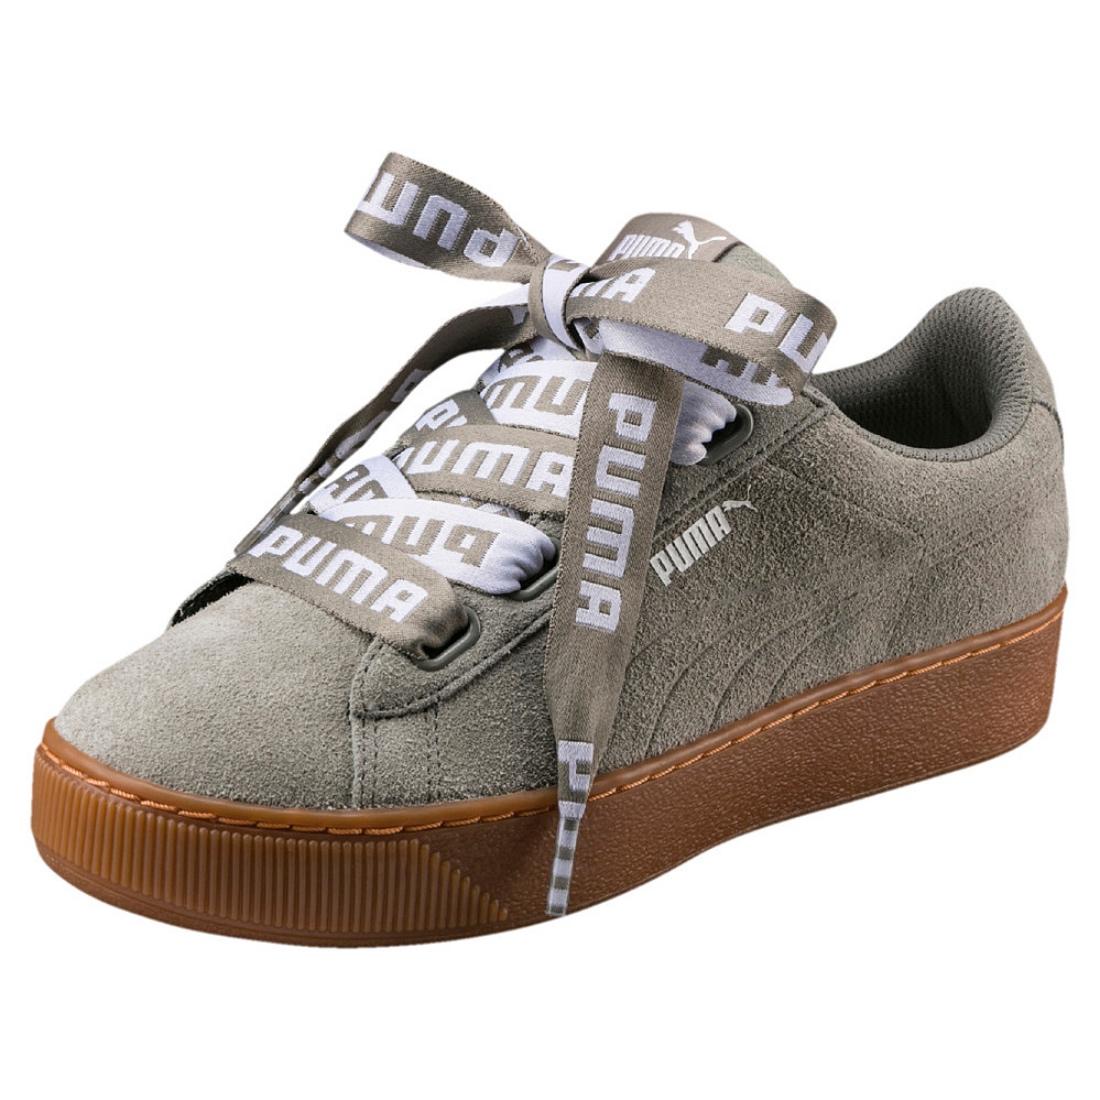 Détails sur Puma Vikky Platform Ribbon Bold Sneaker Femmes Chaussures 365314 Rock Ridge afficher le titre d'origine